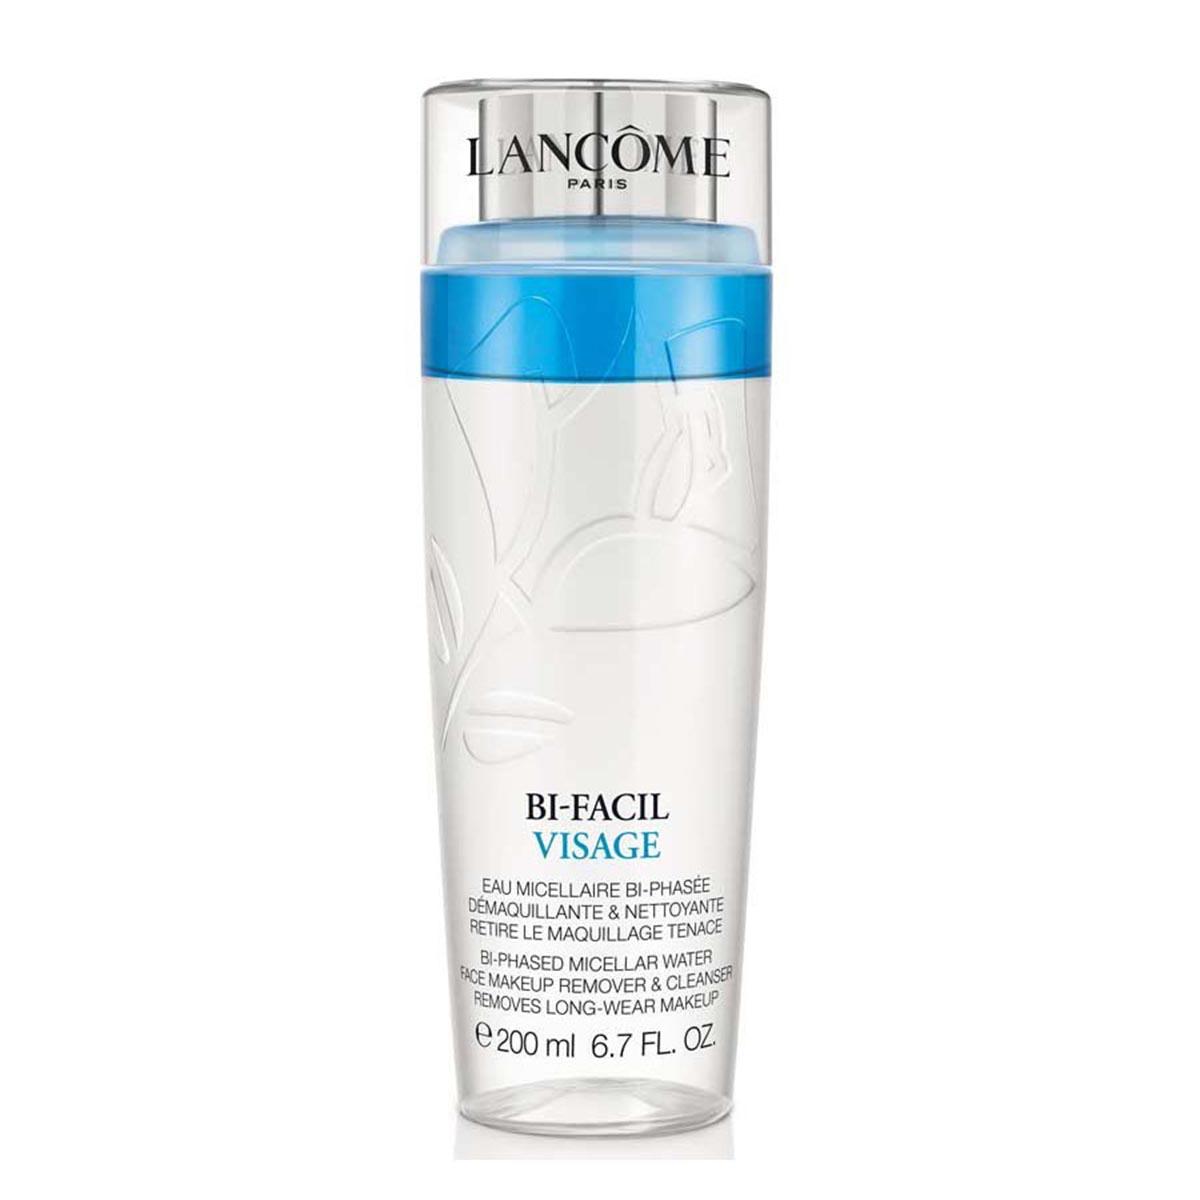 Lancome bi facil visage eau micellaire cleanser 200ml